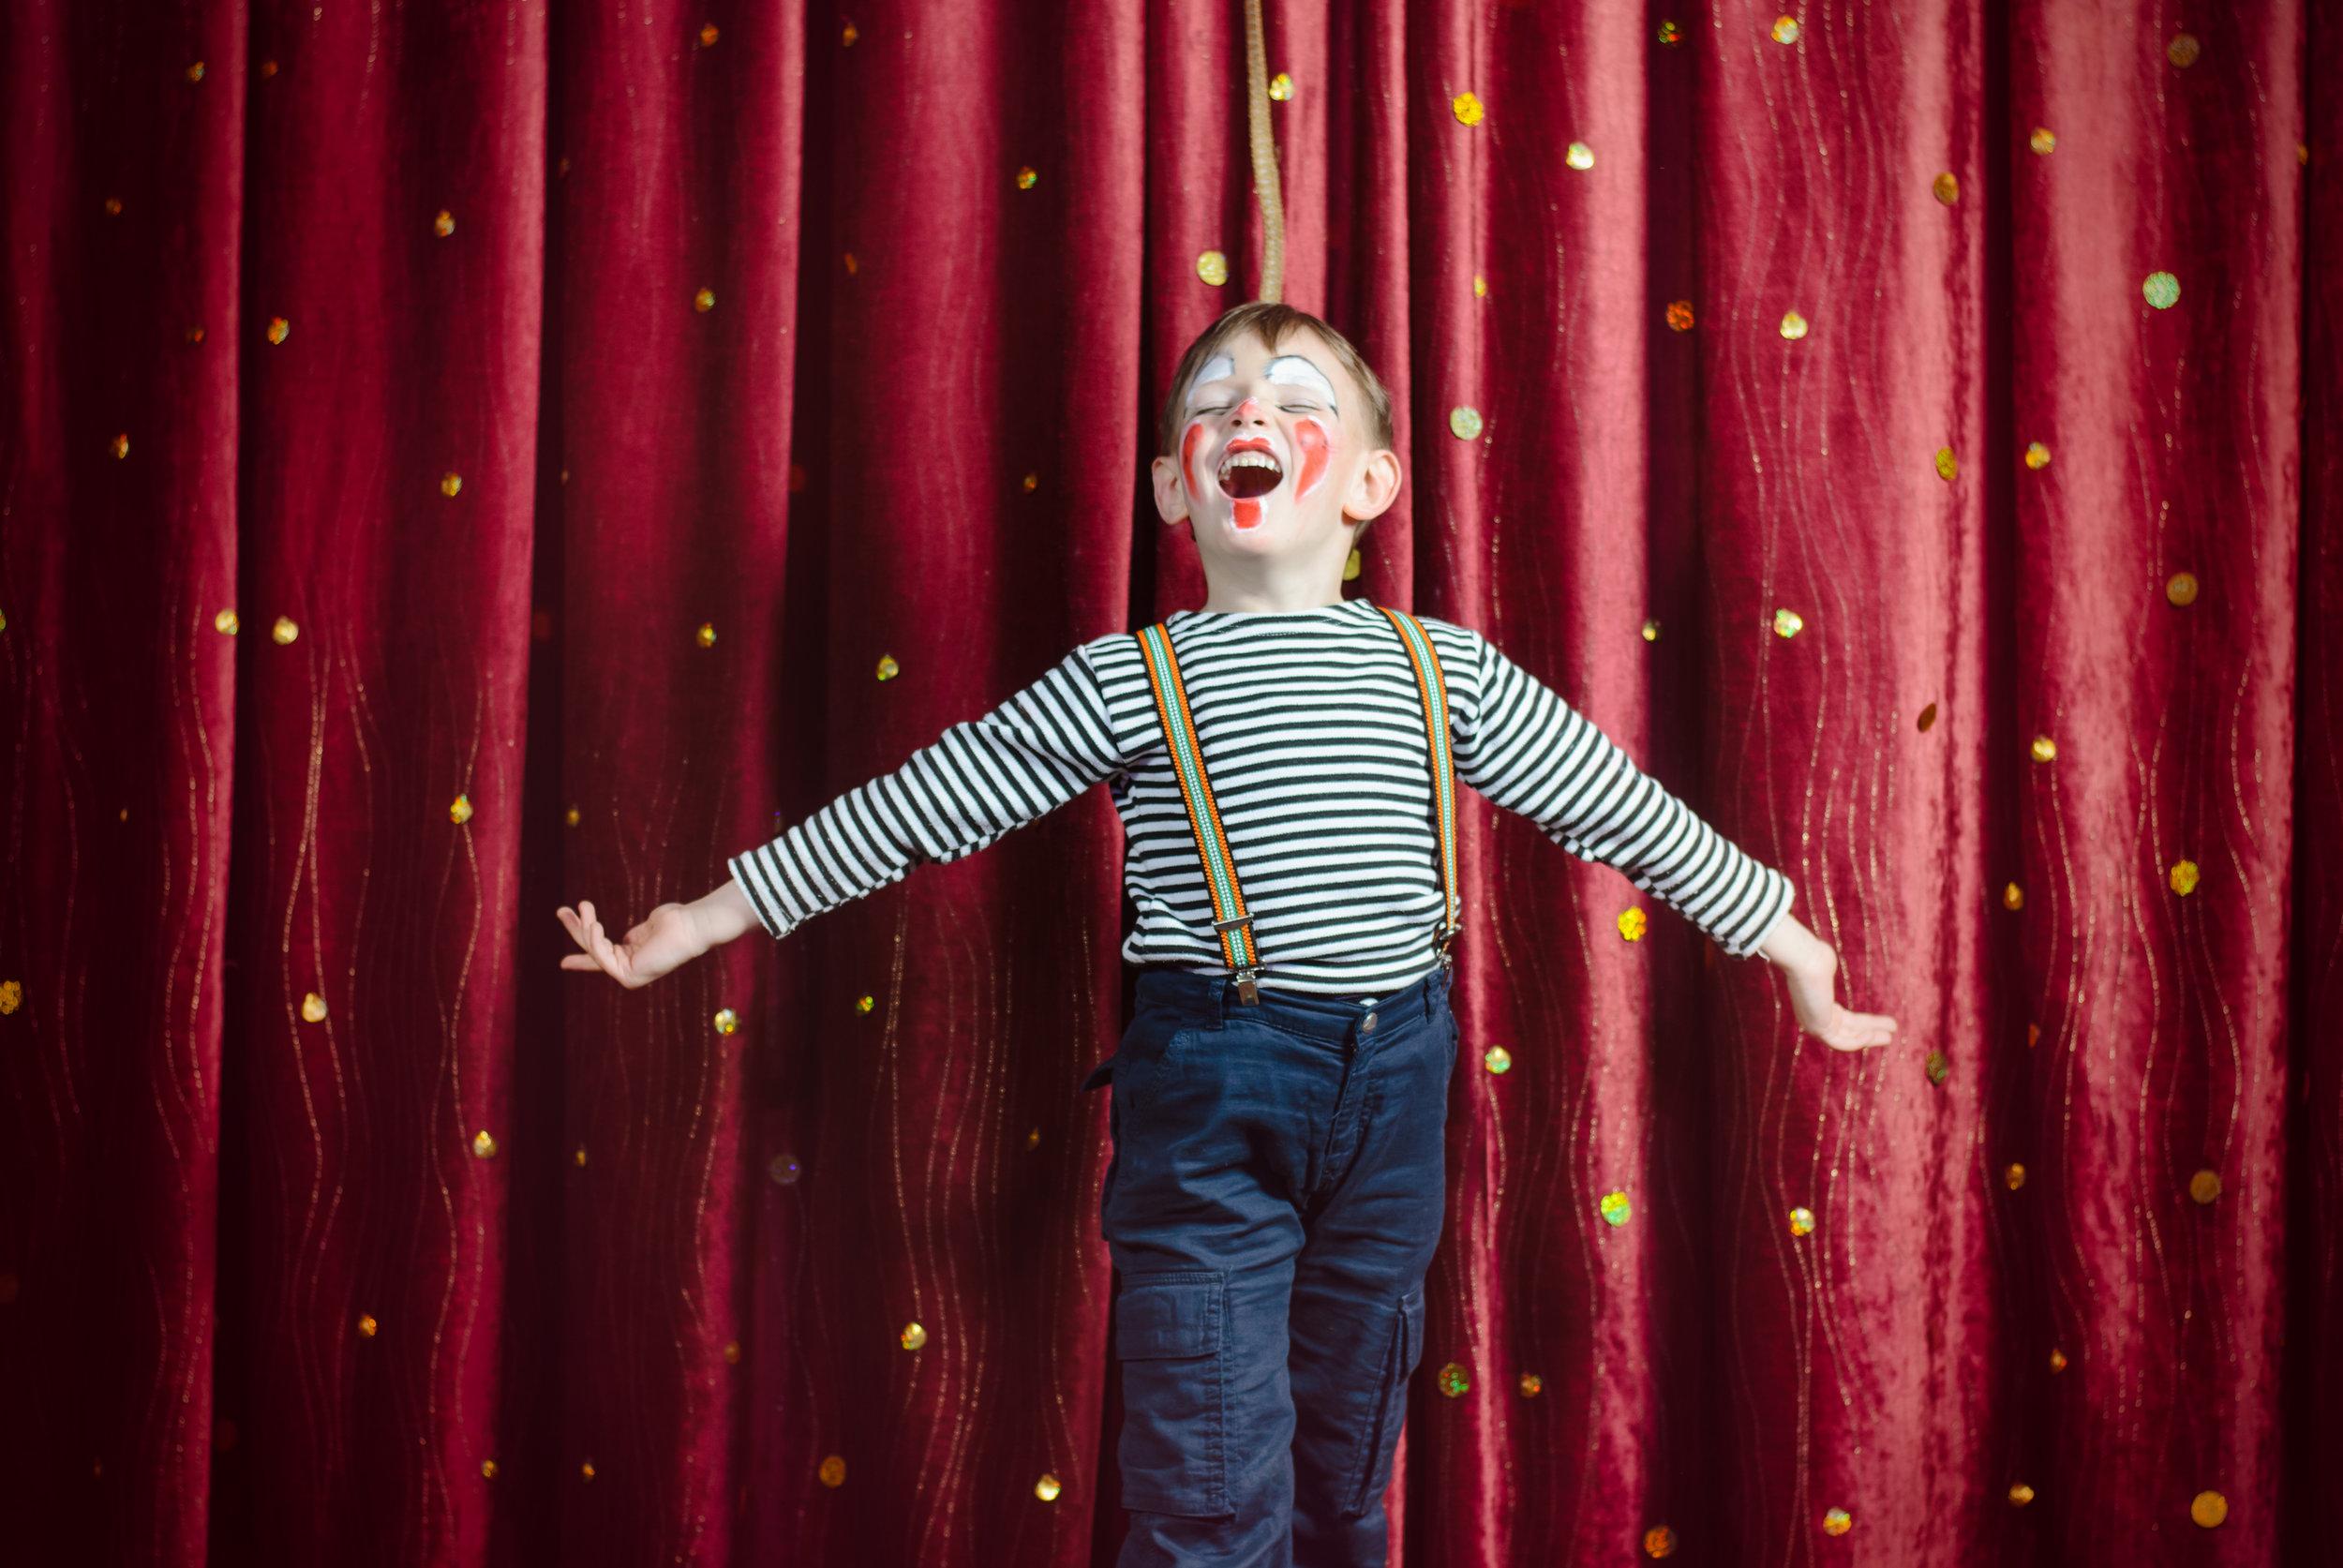 kid on stage.jpg